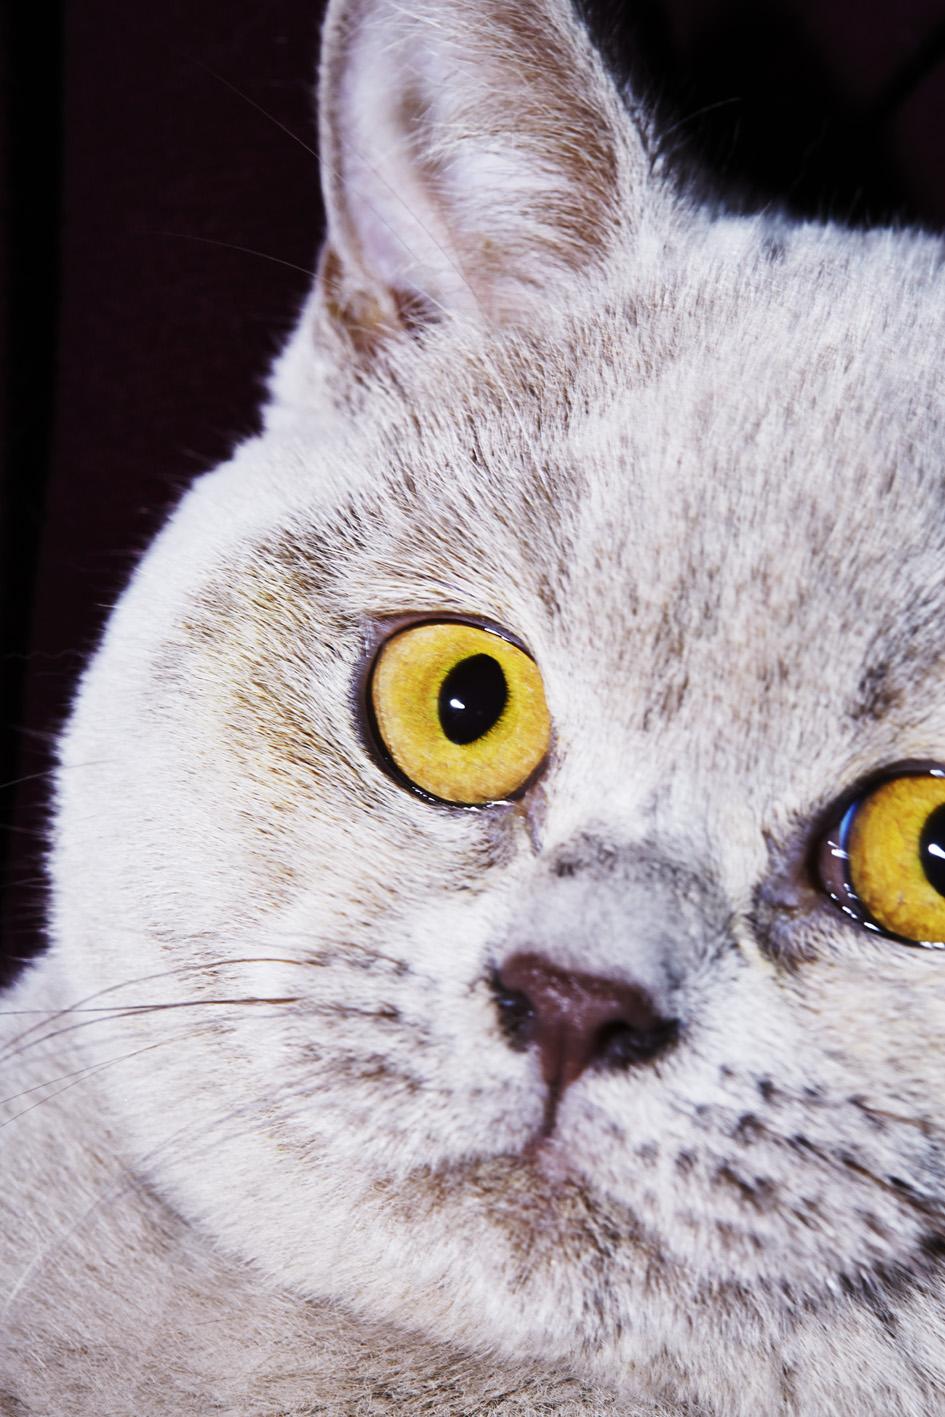 julia_kennedy_puss_puss_02.jpg